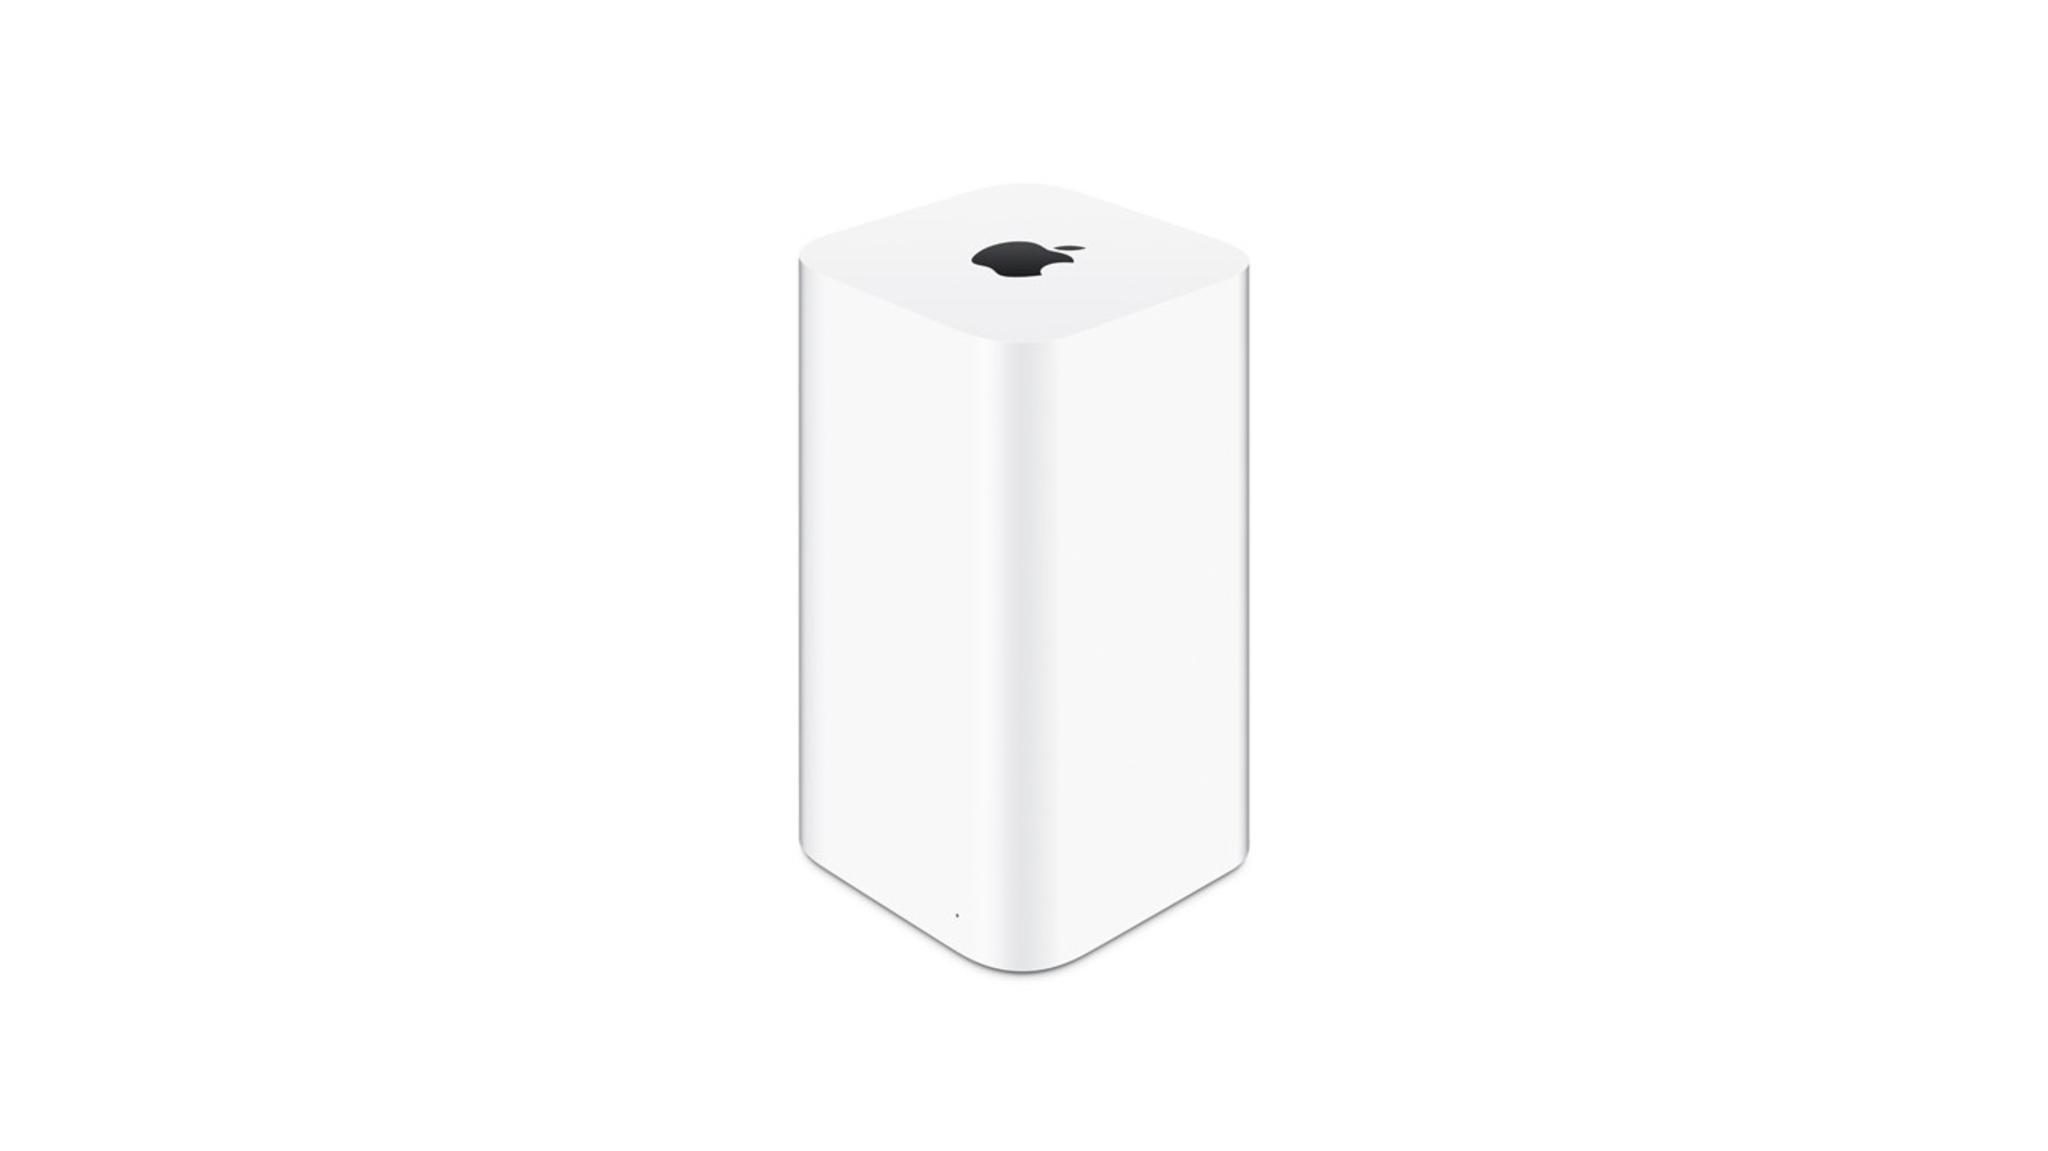 Zwar längst eingestellt, aber für den Verkauf noch gut genug: Apples AirPort-Produkte.